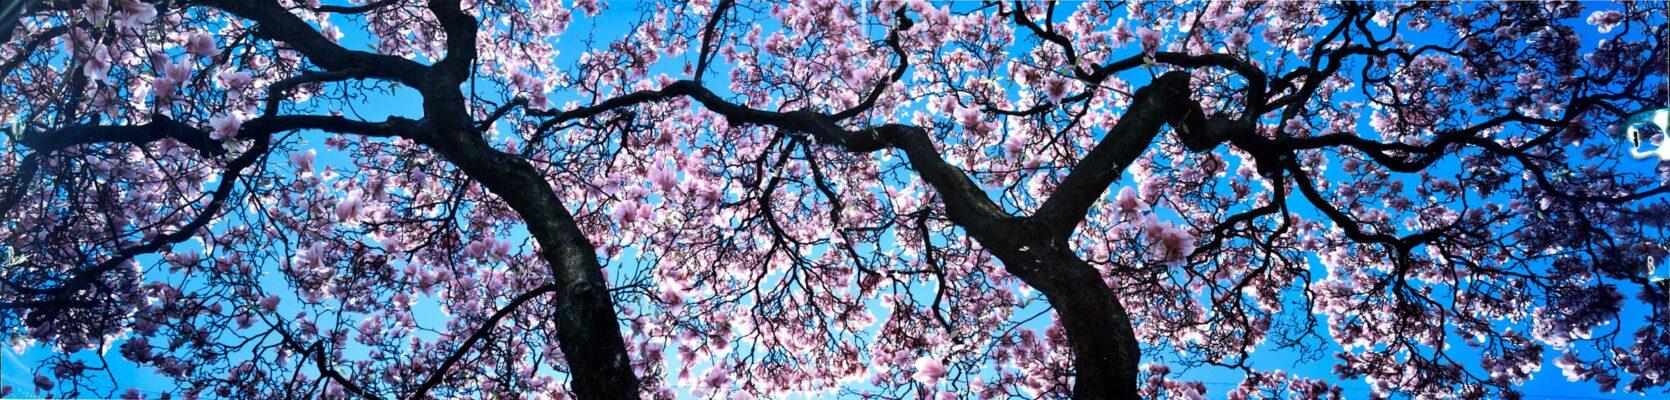 Blühende Magnolienzweige